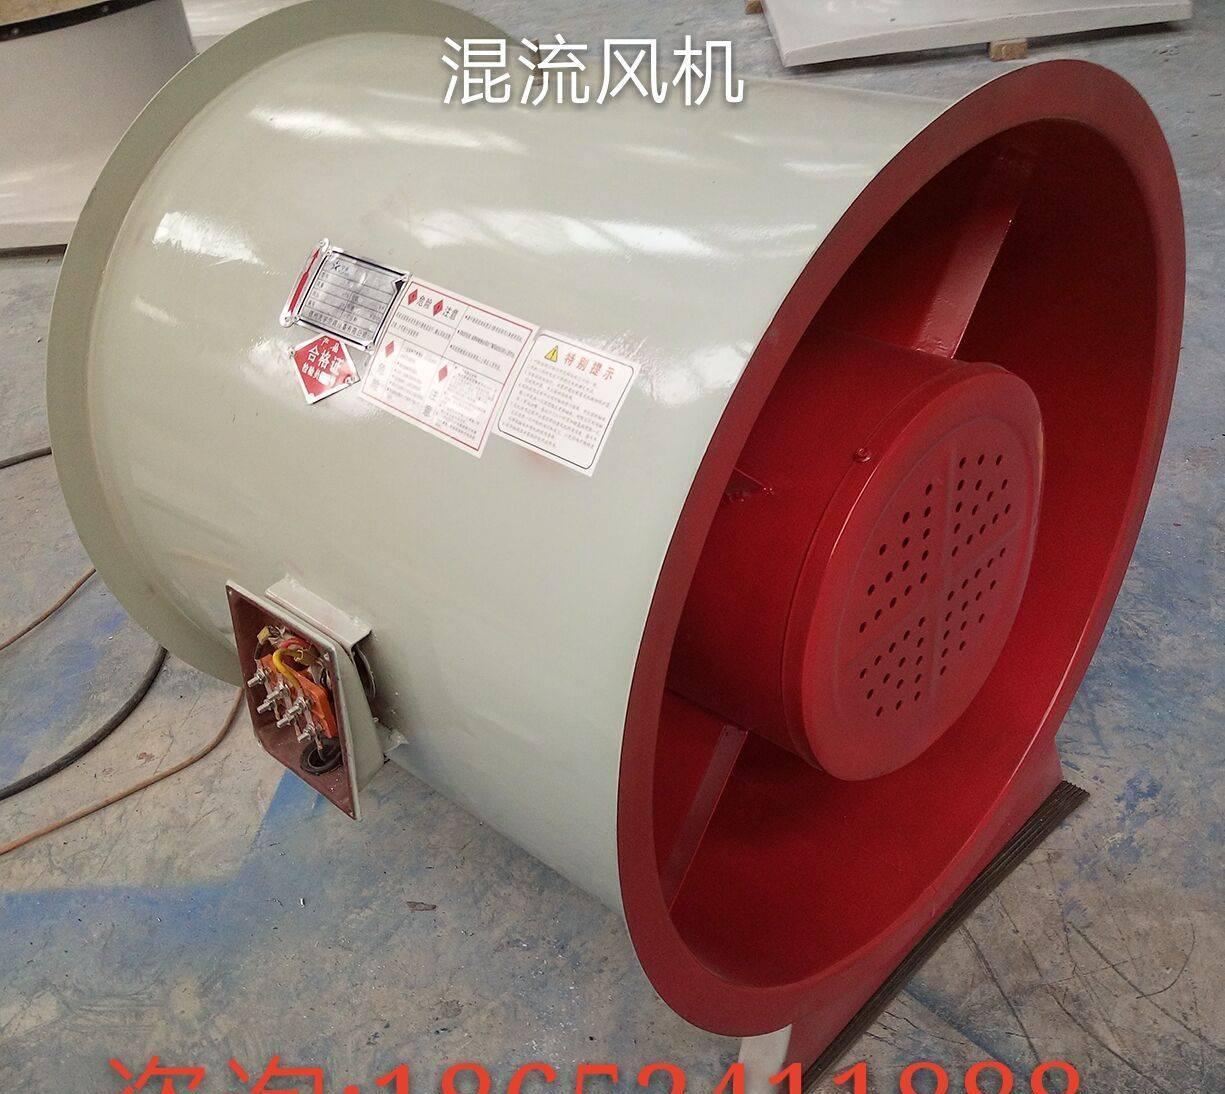 新疆HTF(B)消防风机排烟混流技巧,辽宁创造防发明排烟小高温图片